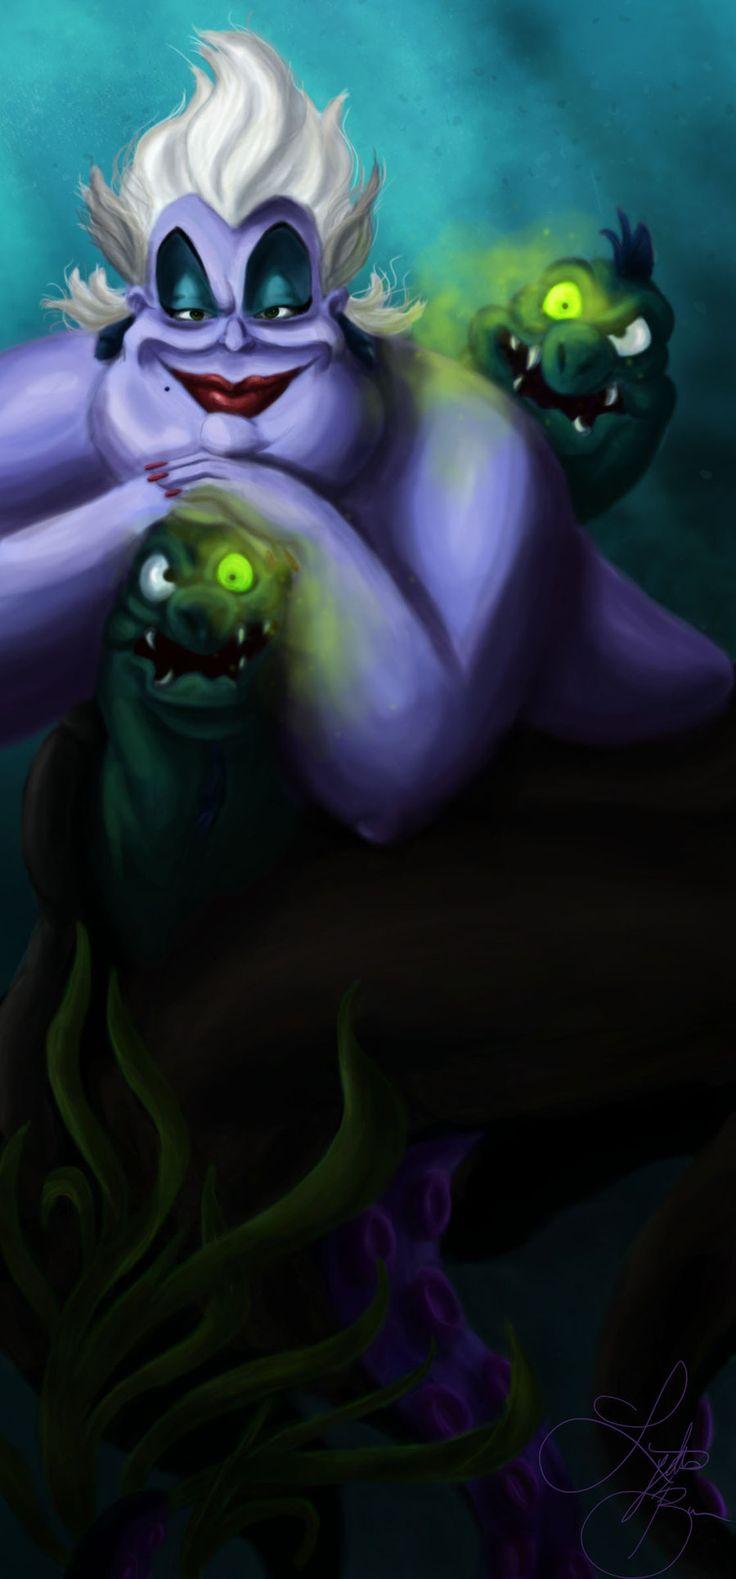 Úrsula * La Sirenita